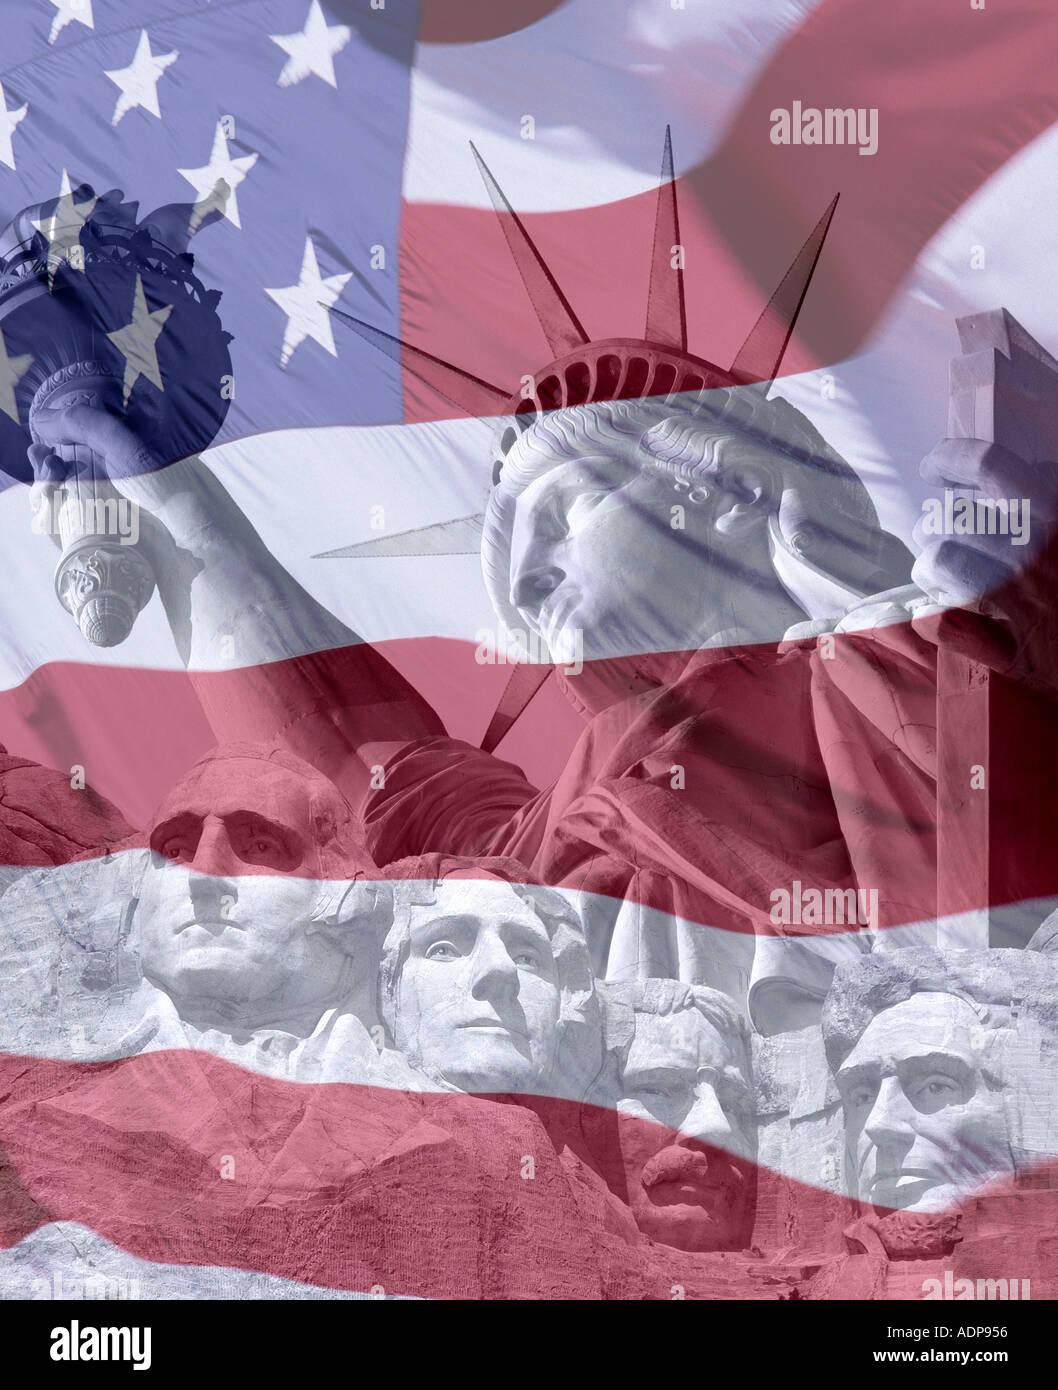 Stati Uniti d'America - Concetto di viaggio: Americana Immagini Stock